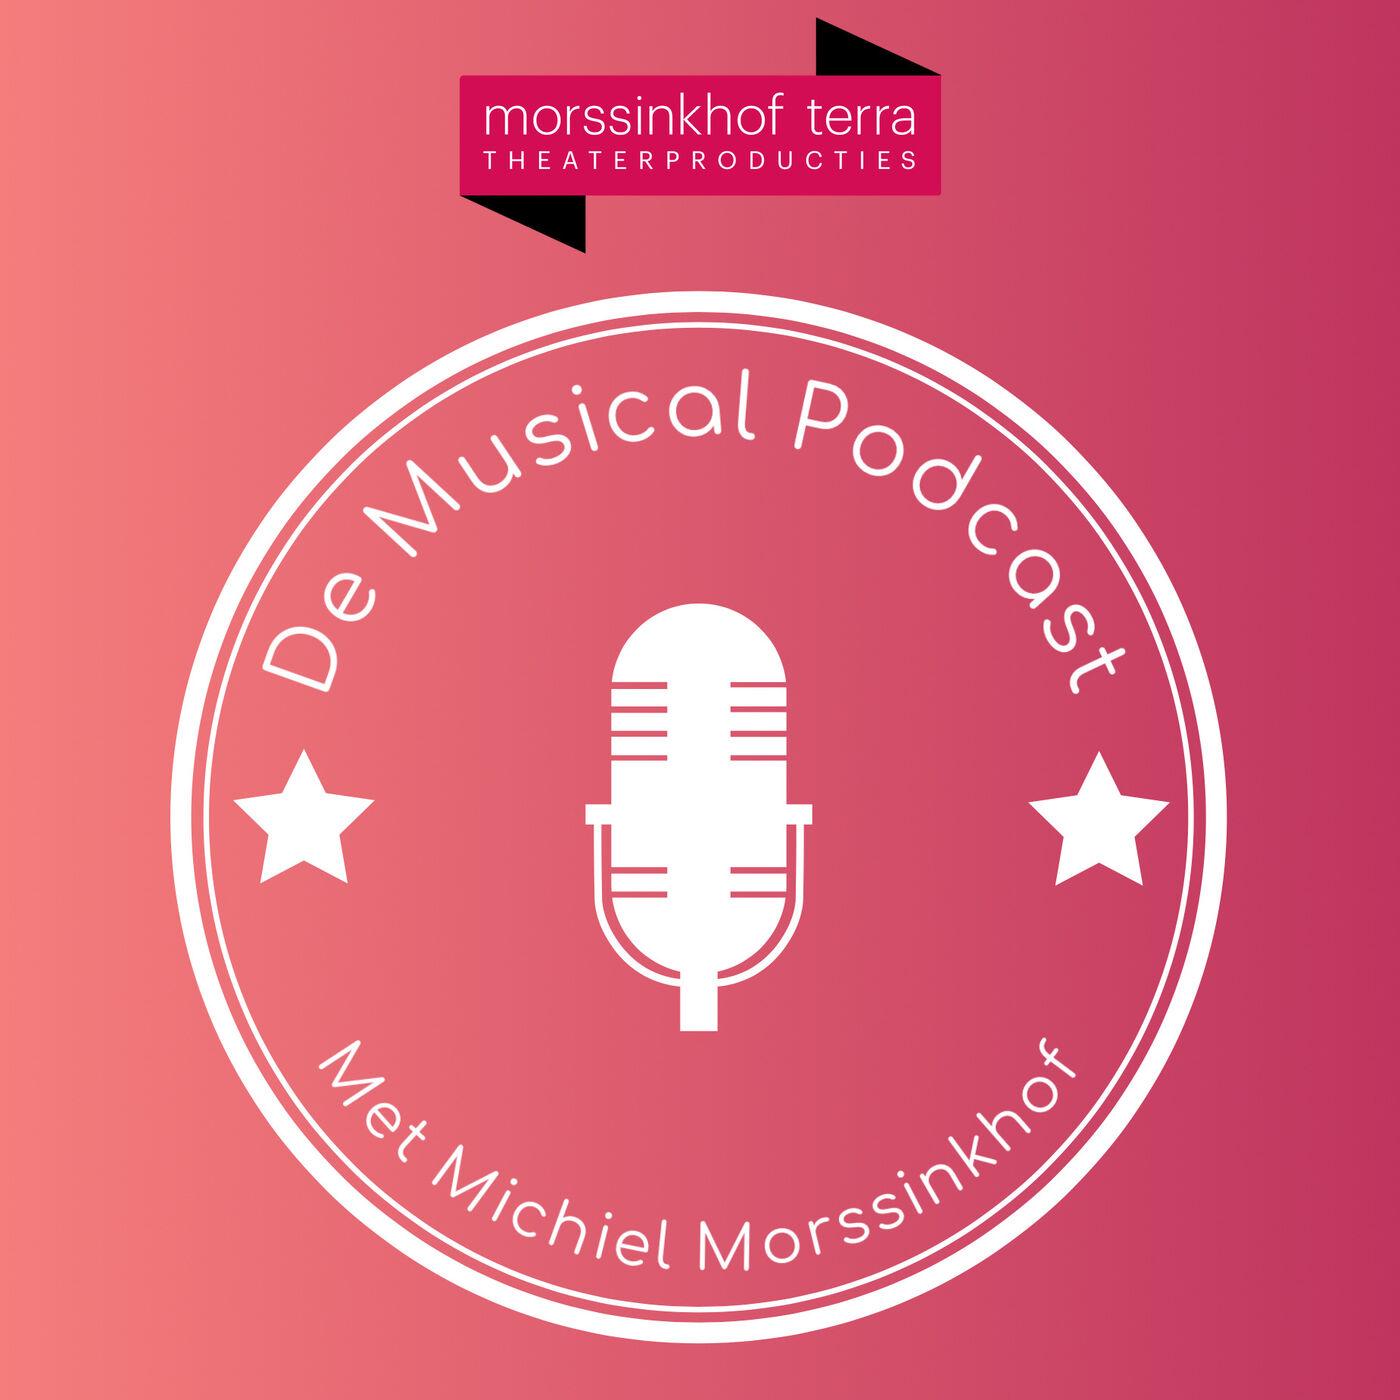 De Musical Podcast logo